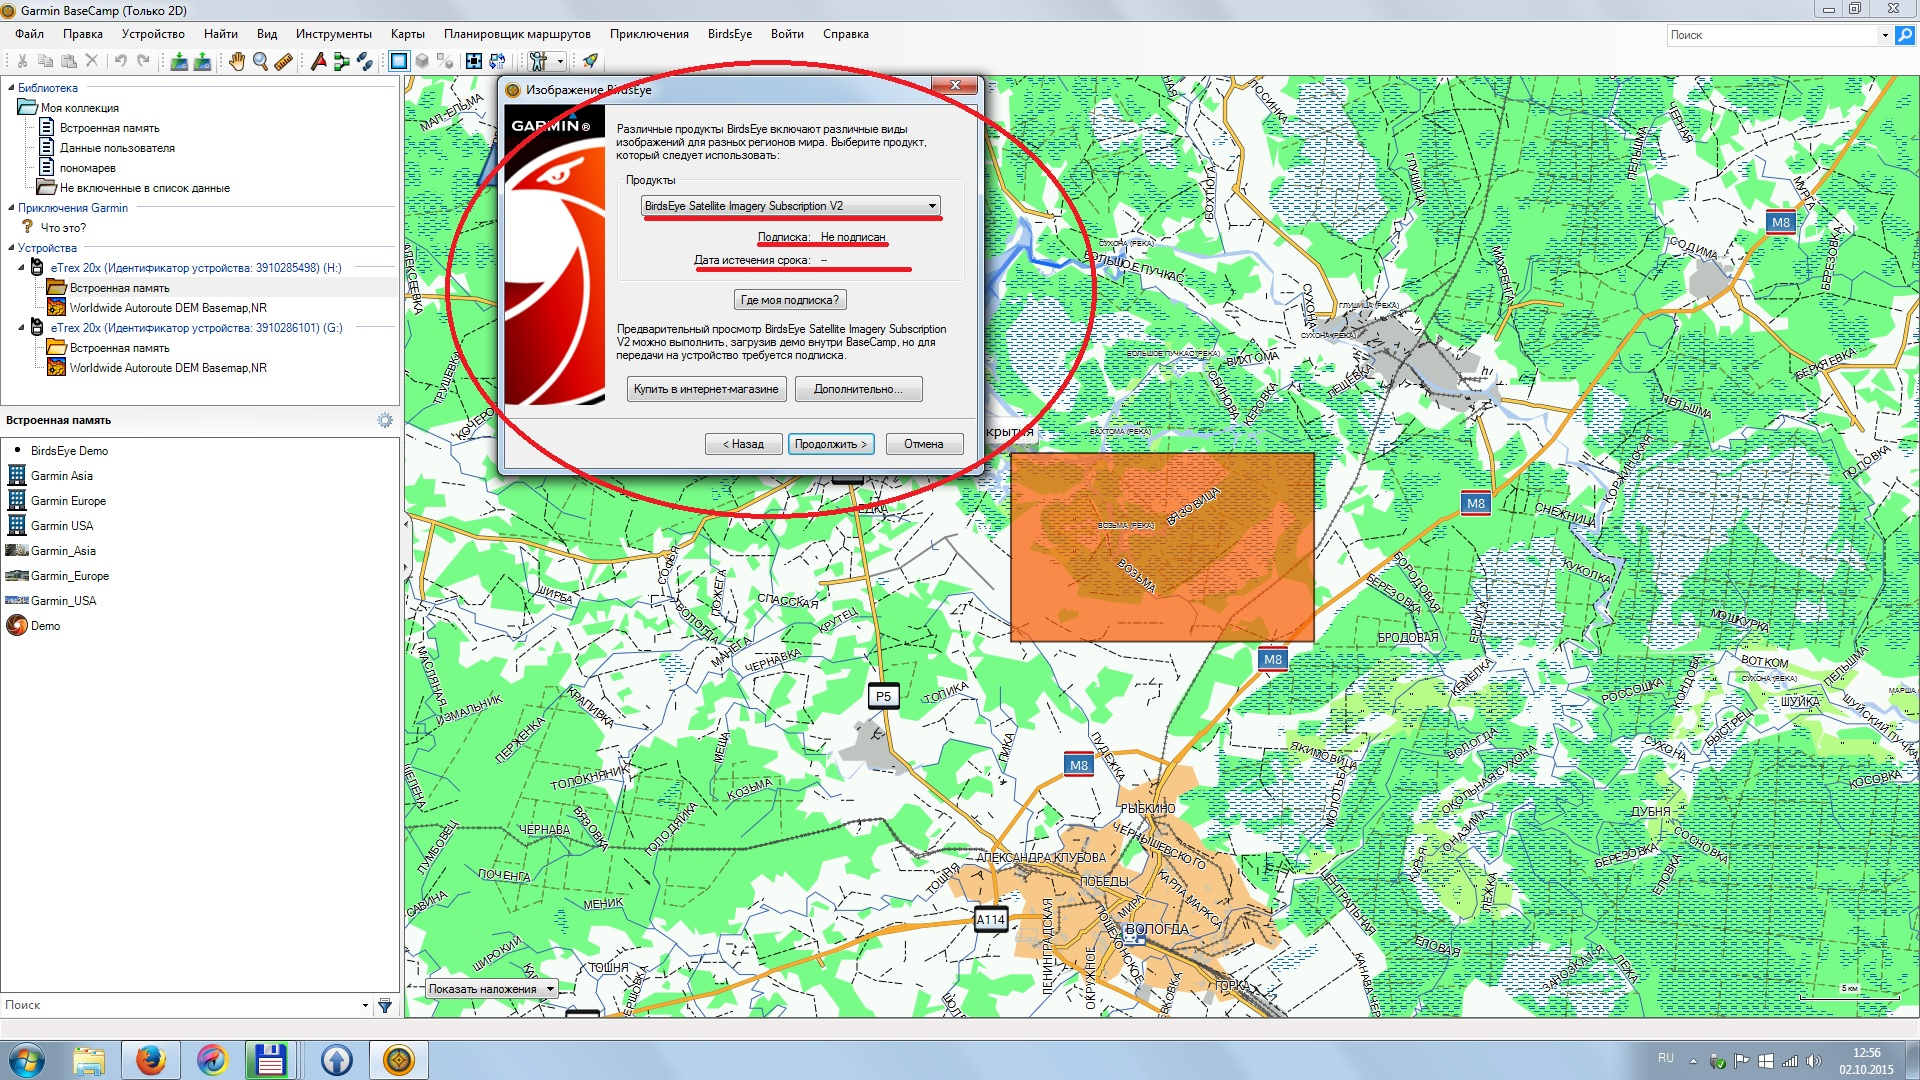 http://gps-vologda.ru/data/Forum/Berdseye/Berdseye2.jpg